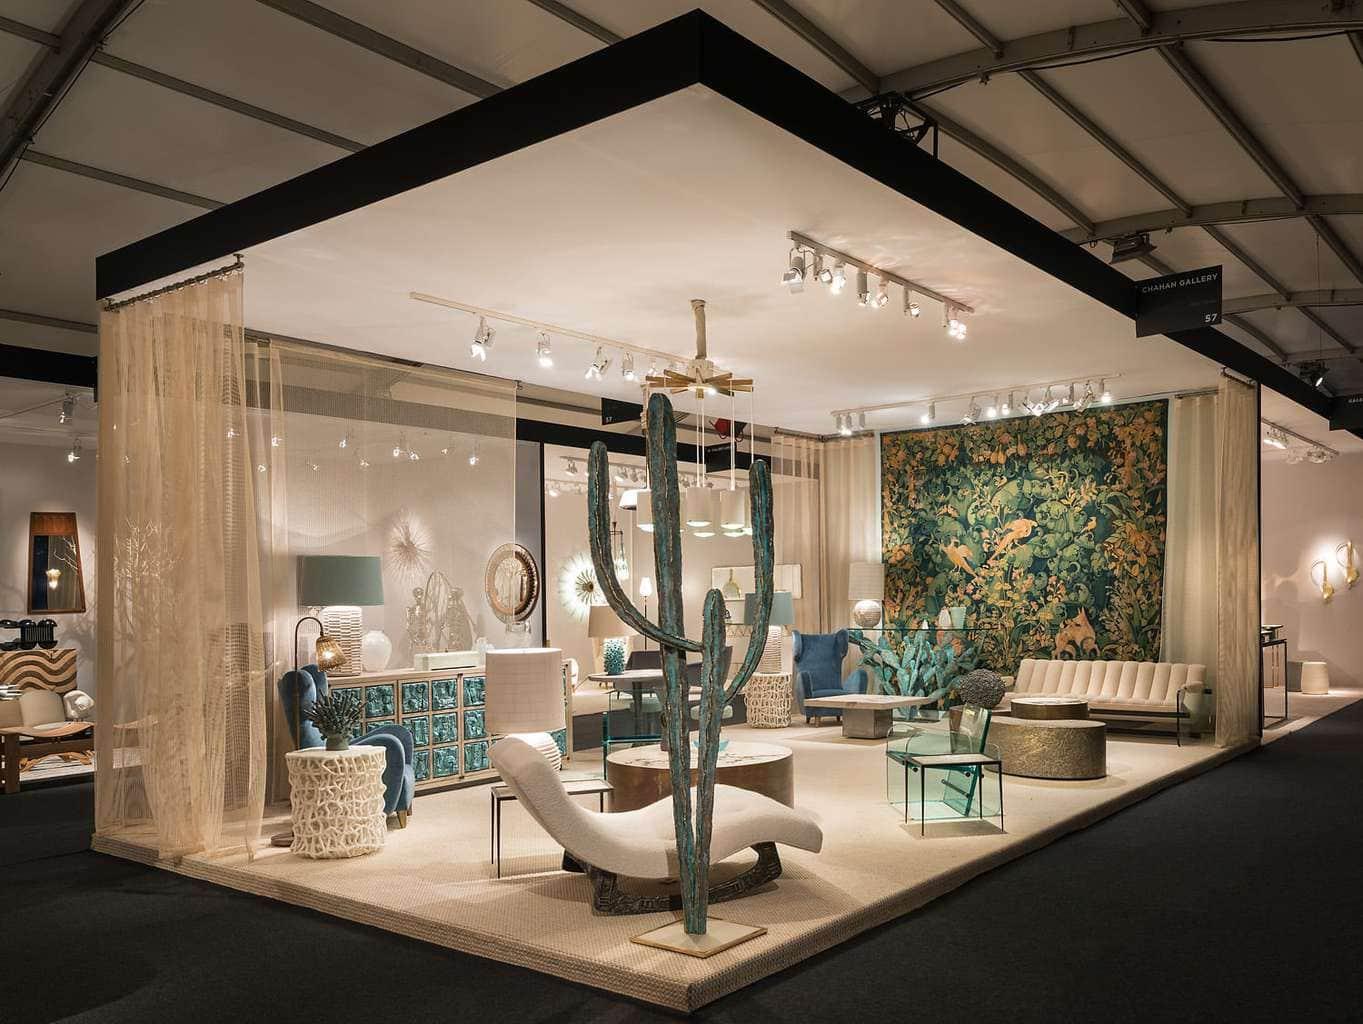 exhibitors of PAD Paris 2019 Best Galleries pad paris 2019 best galleries PAD PARIS 2019 BEST GALLERIES chahan2